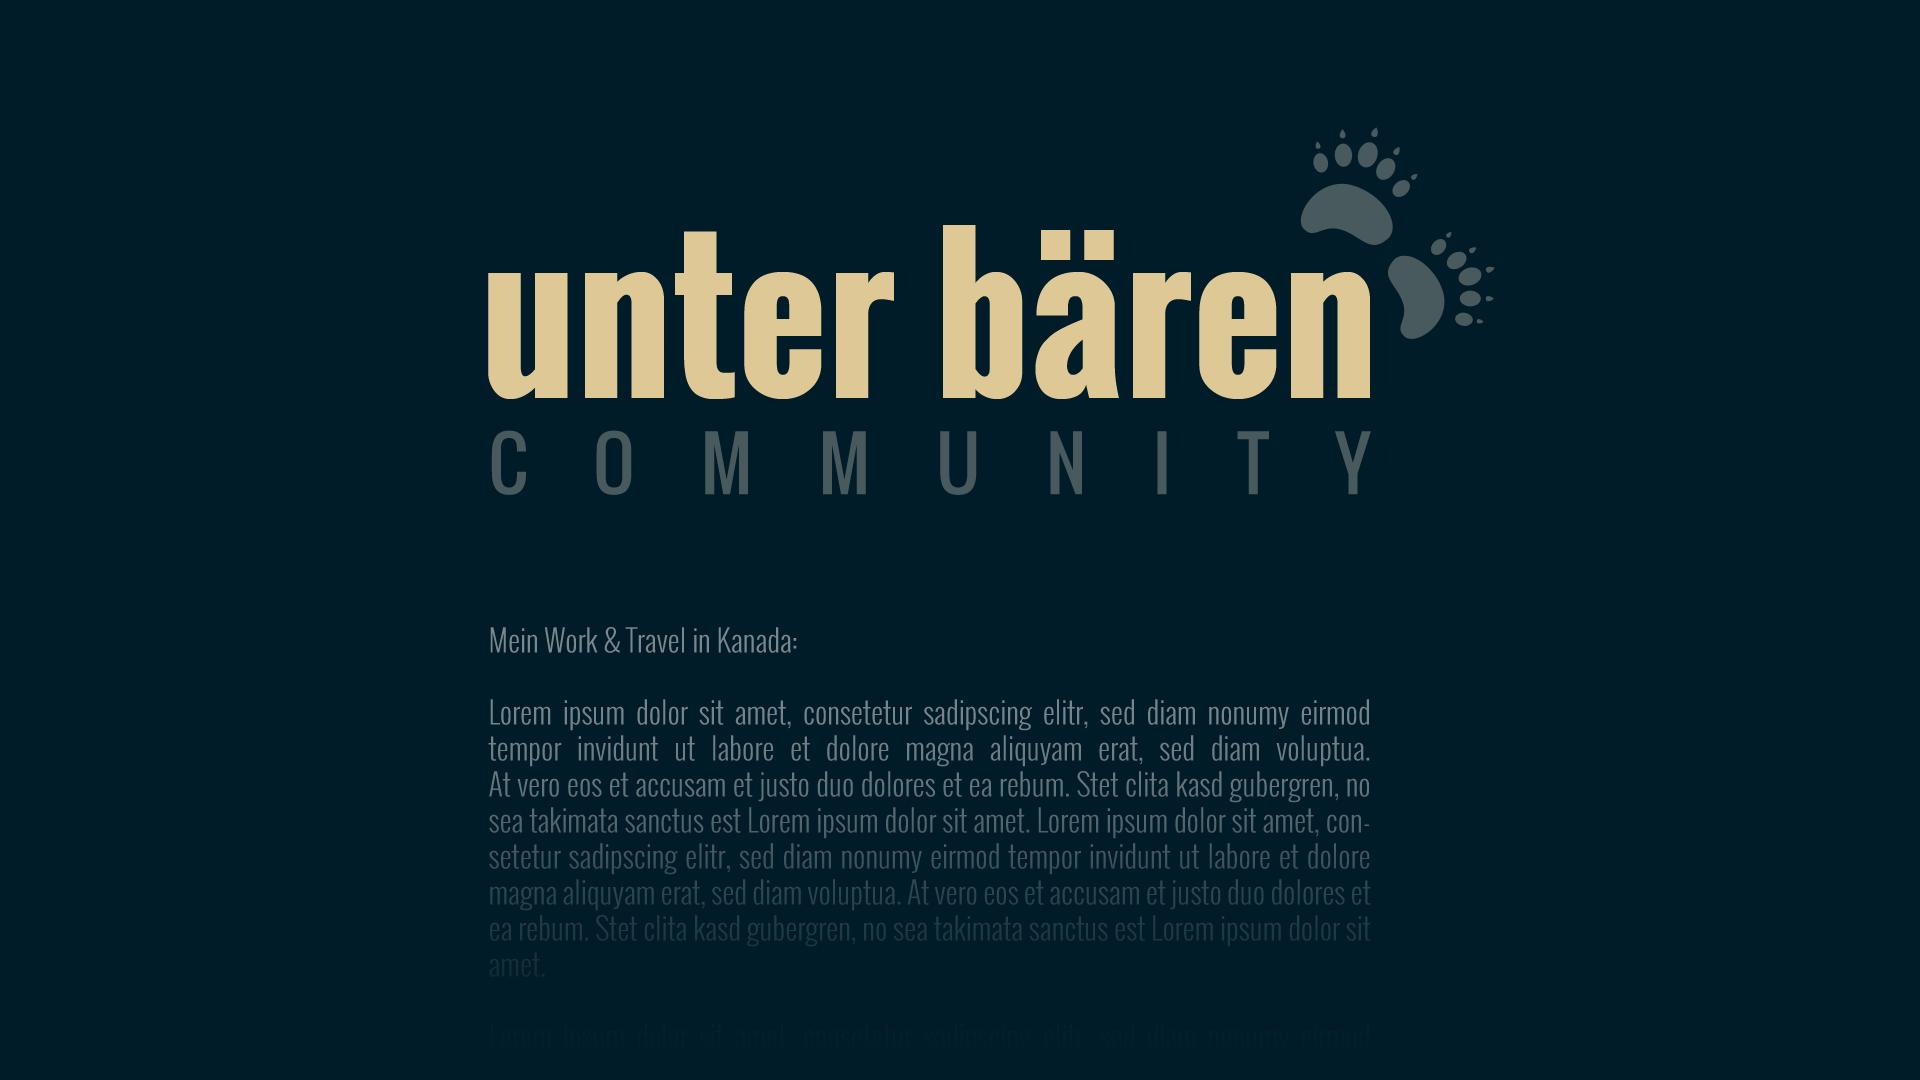 Unter Bären wird erweitert: Die Unter Bären Community wird vorgestellt.